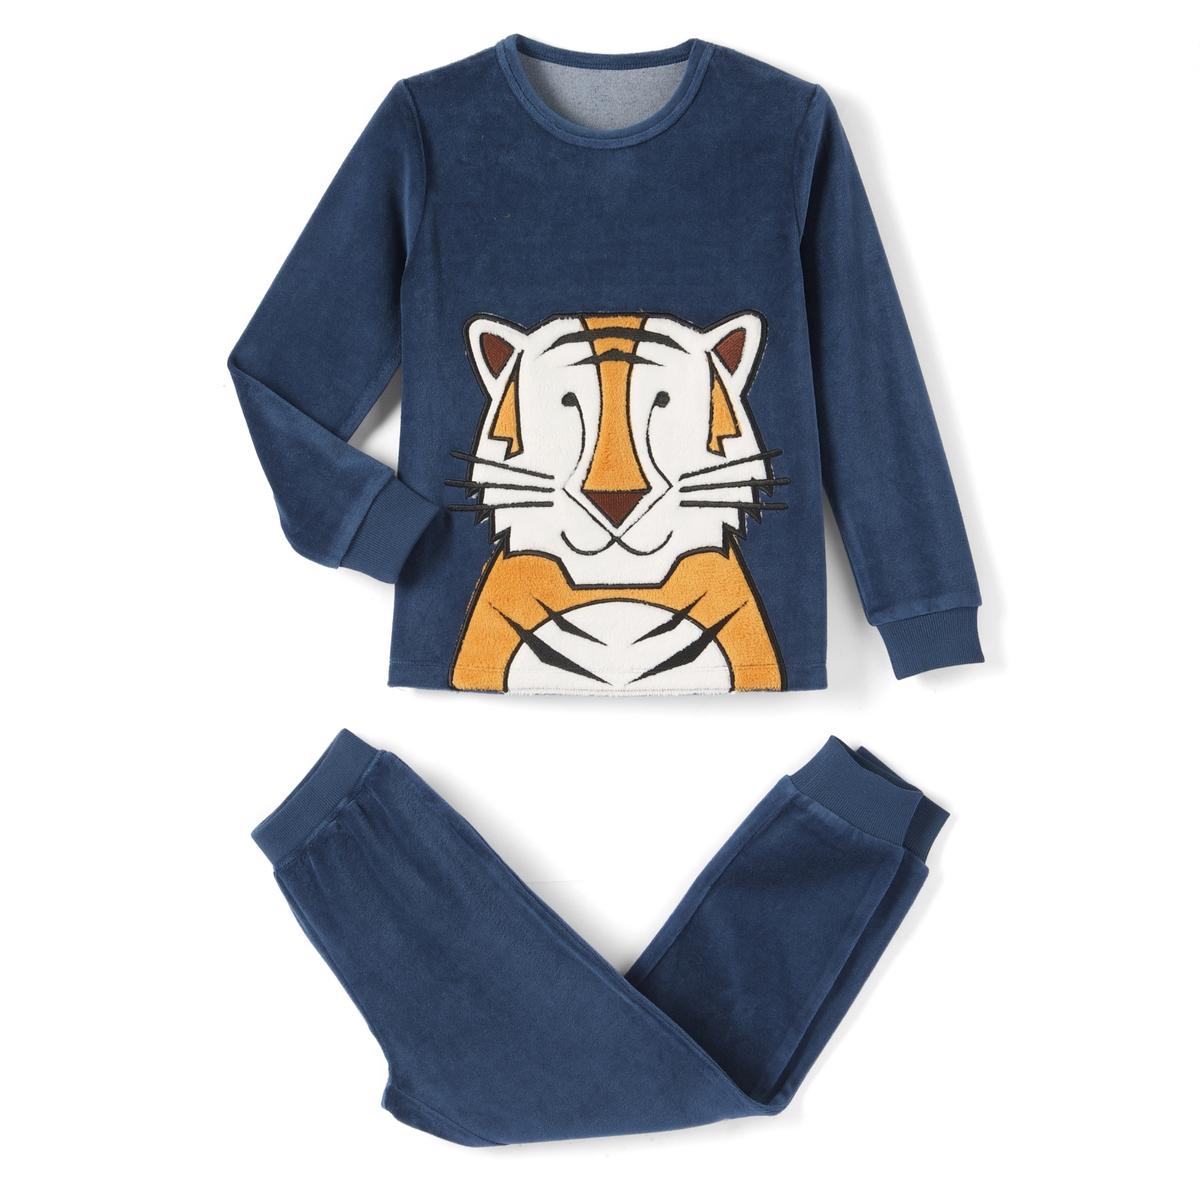 Пижама из велюра, 3-12 летВелюровая пижама, состоящая из верха с длинными рукавами и однотонных брюк. Верх с нашивкой тигр спереди. Круглый вырез. Брюки с эластичным поясом.Состав и описание : Материал      Велюр 75% хлопка, 25% полиэстераУход : Машинная стирка при 30°C с вещами подобных цветов.Стирка и глажка с изнаночной стороны.Машинная сушка на умеренном режиме.Гладить при низкой температуре.Низ брючин связан в рубчик.<br><br>Цвет: синий